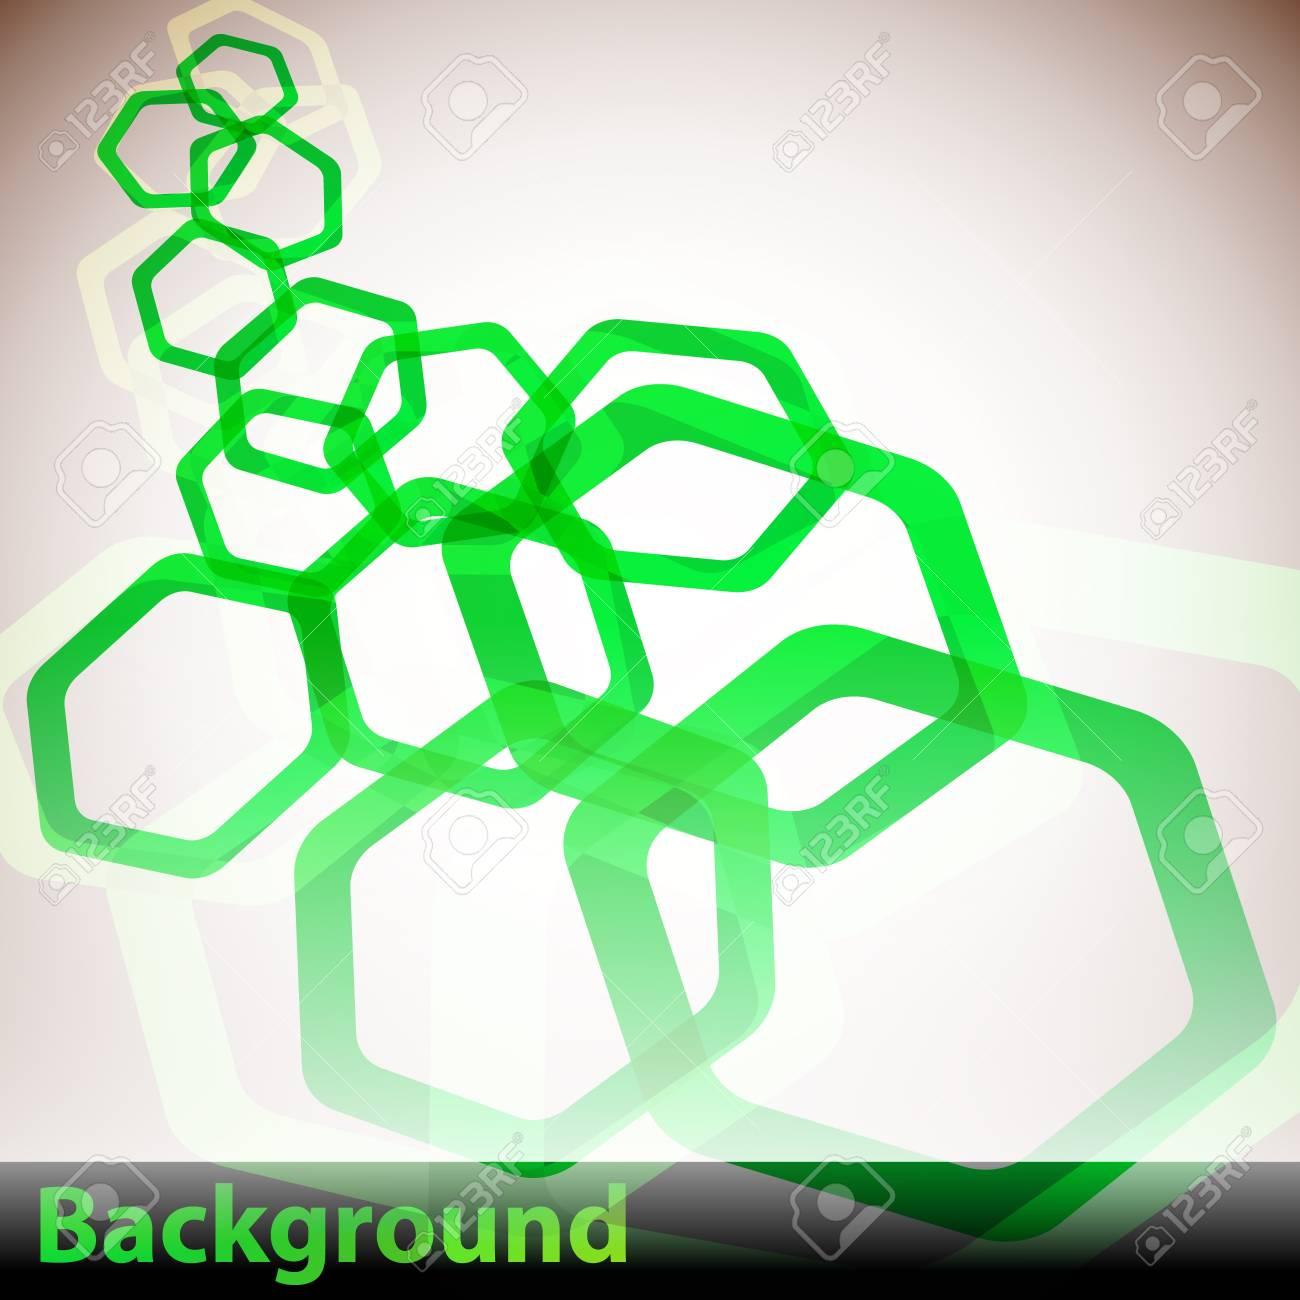 Hexagon Background Stock Vector - 10769366